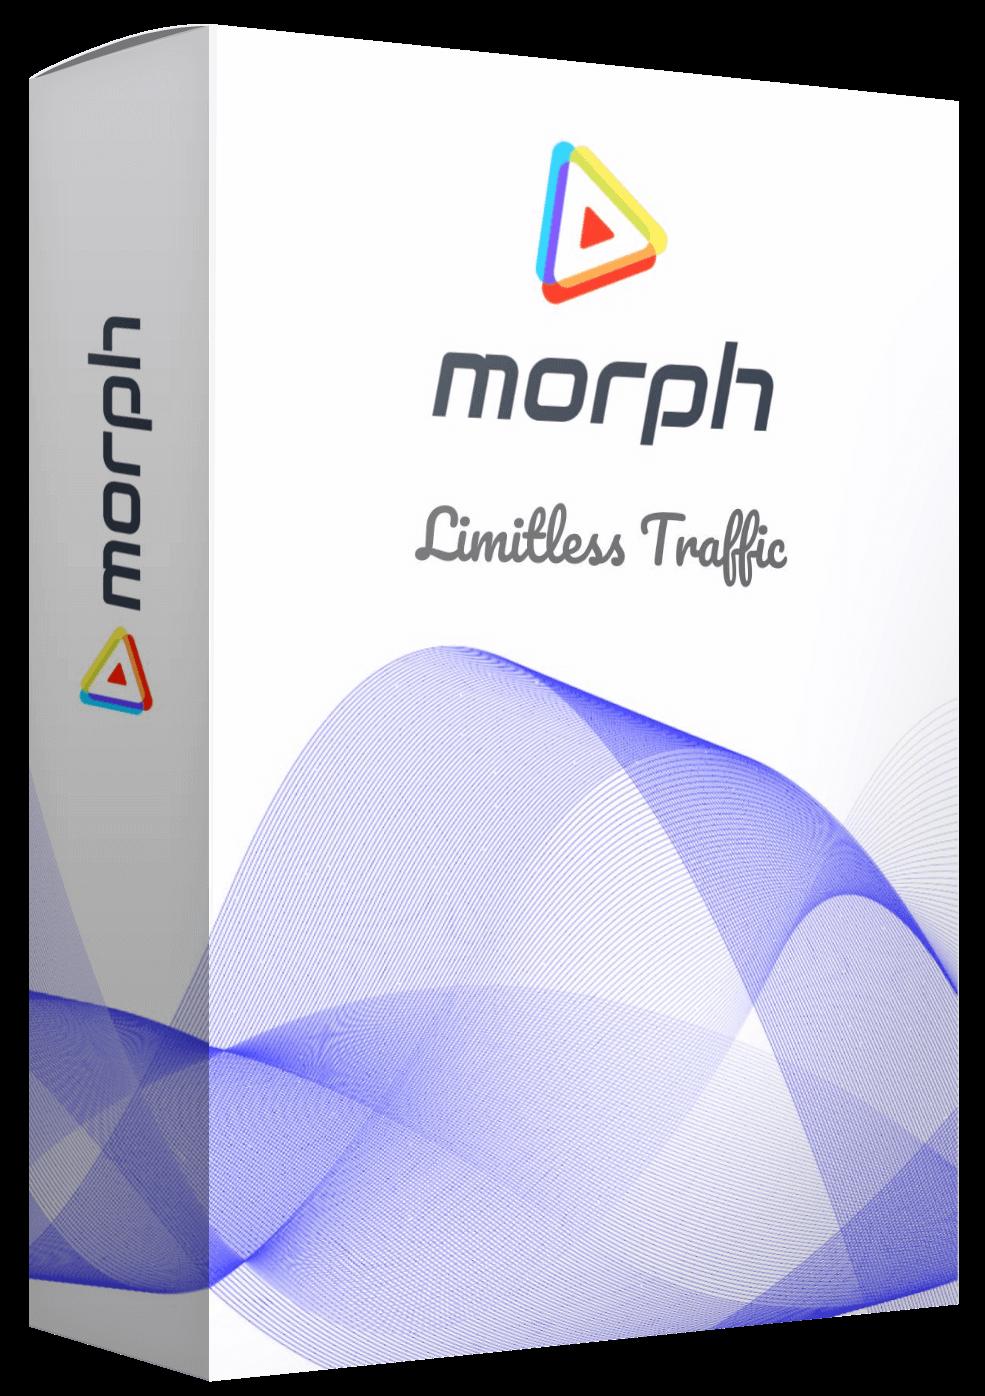 Morph-oto-3